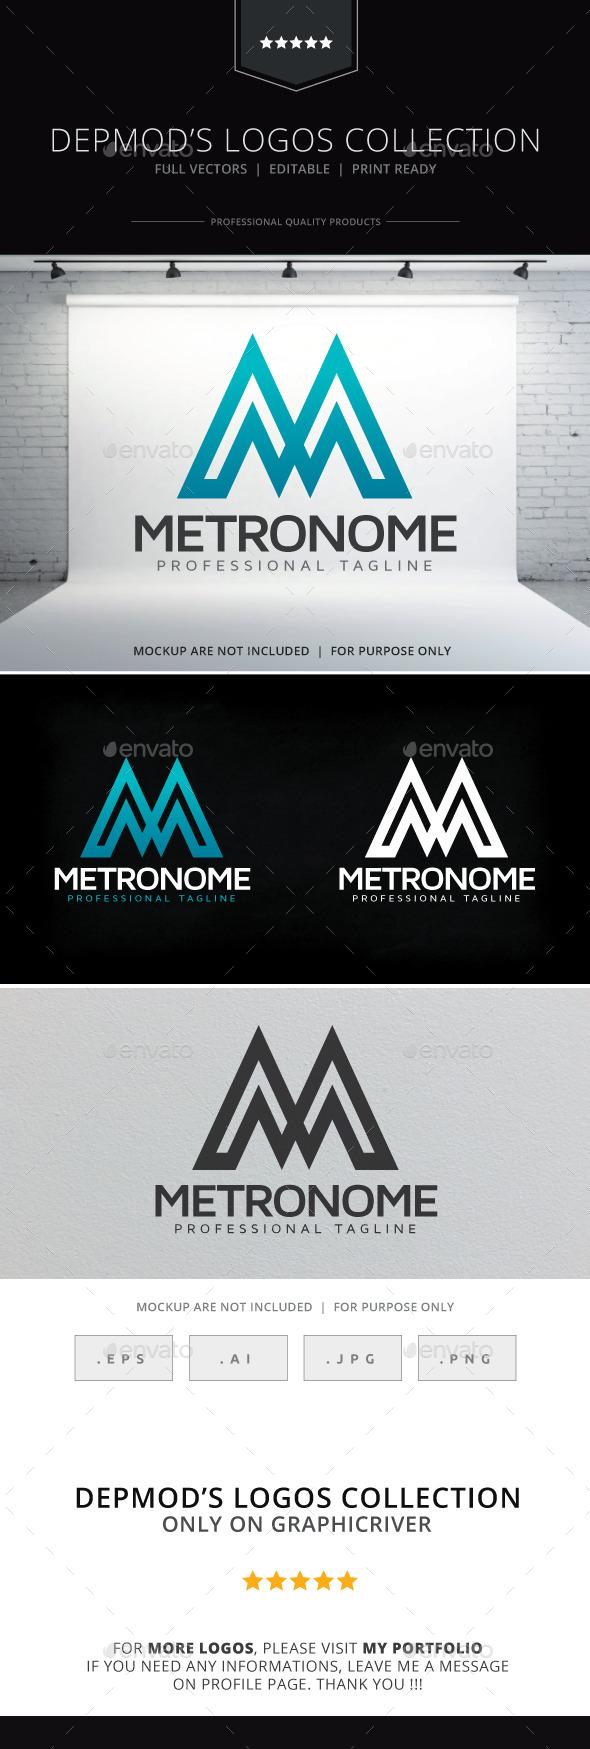 GraphicRiver Metronome Logo 9894647